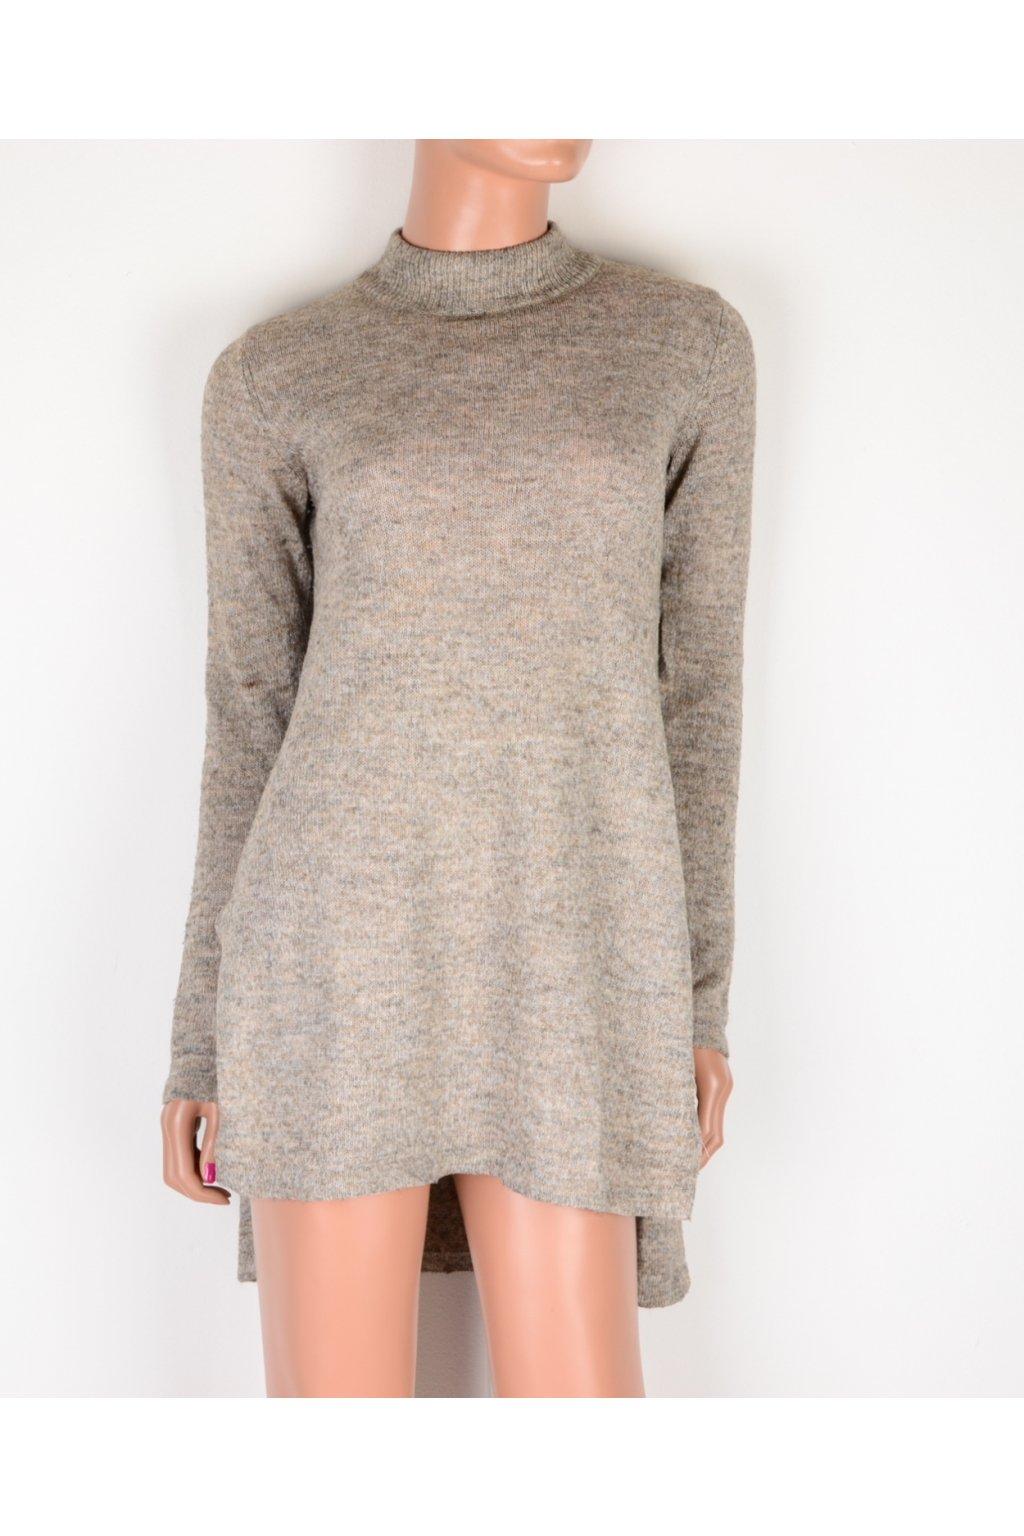 Šaty úpletové H&M vel. XS